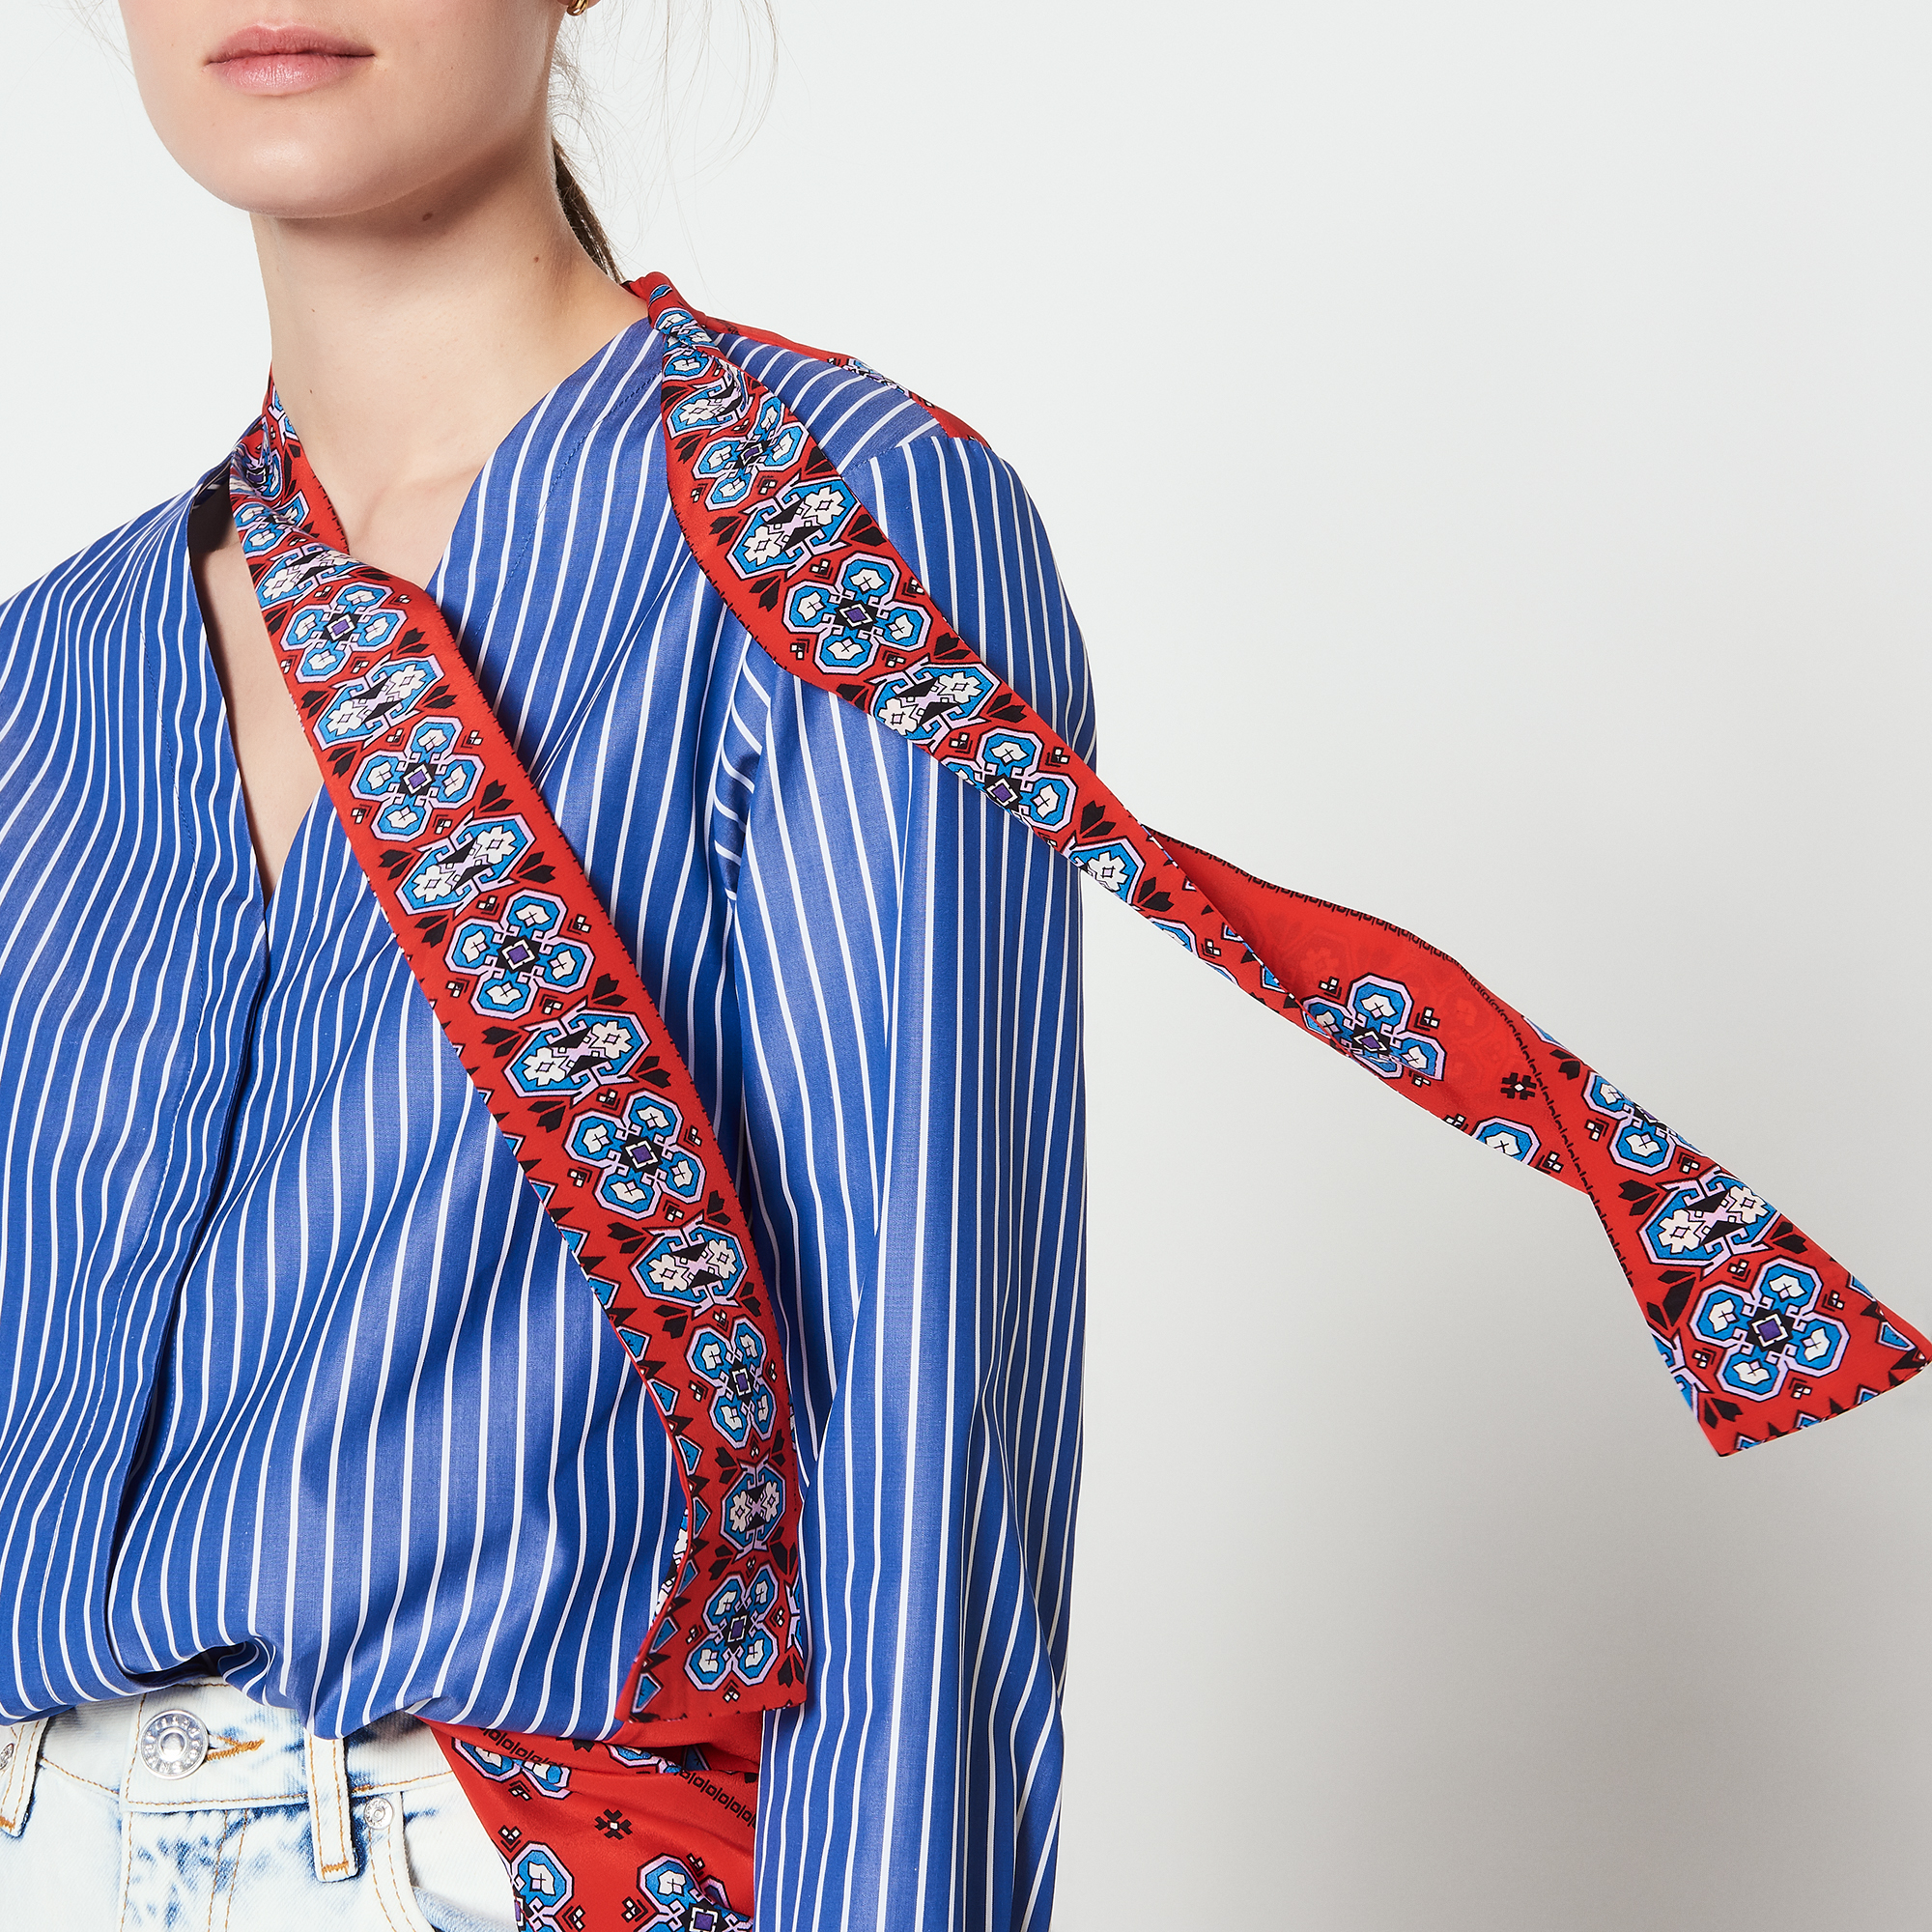 Camicia a righe con inserti stampati : Top & Camicie colore Blu